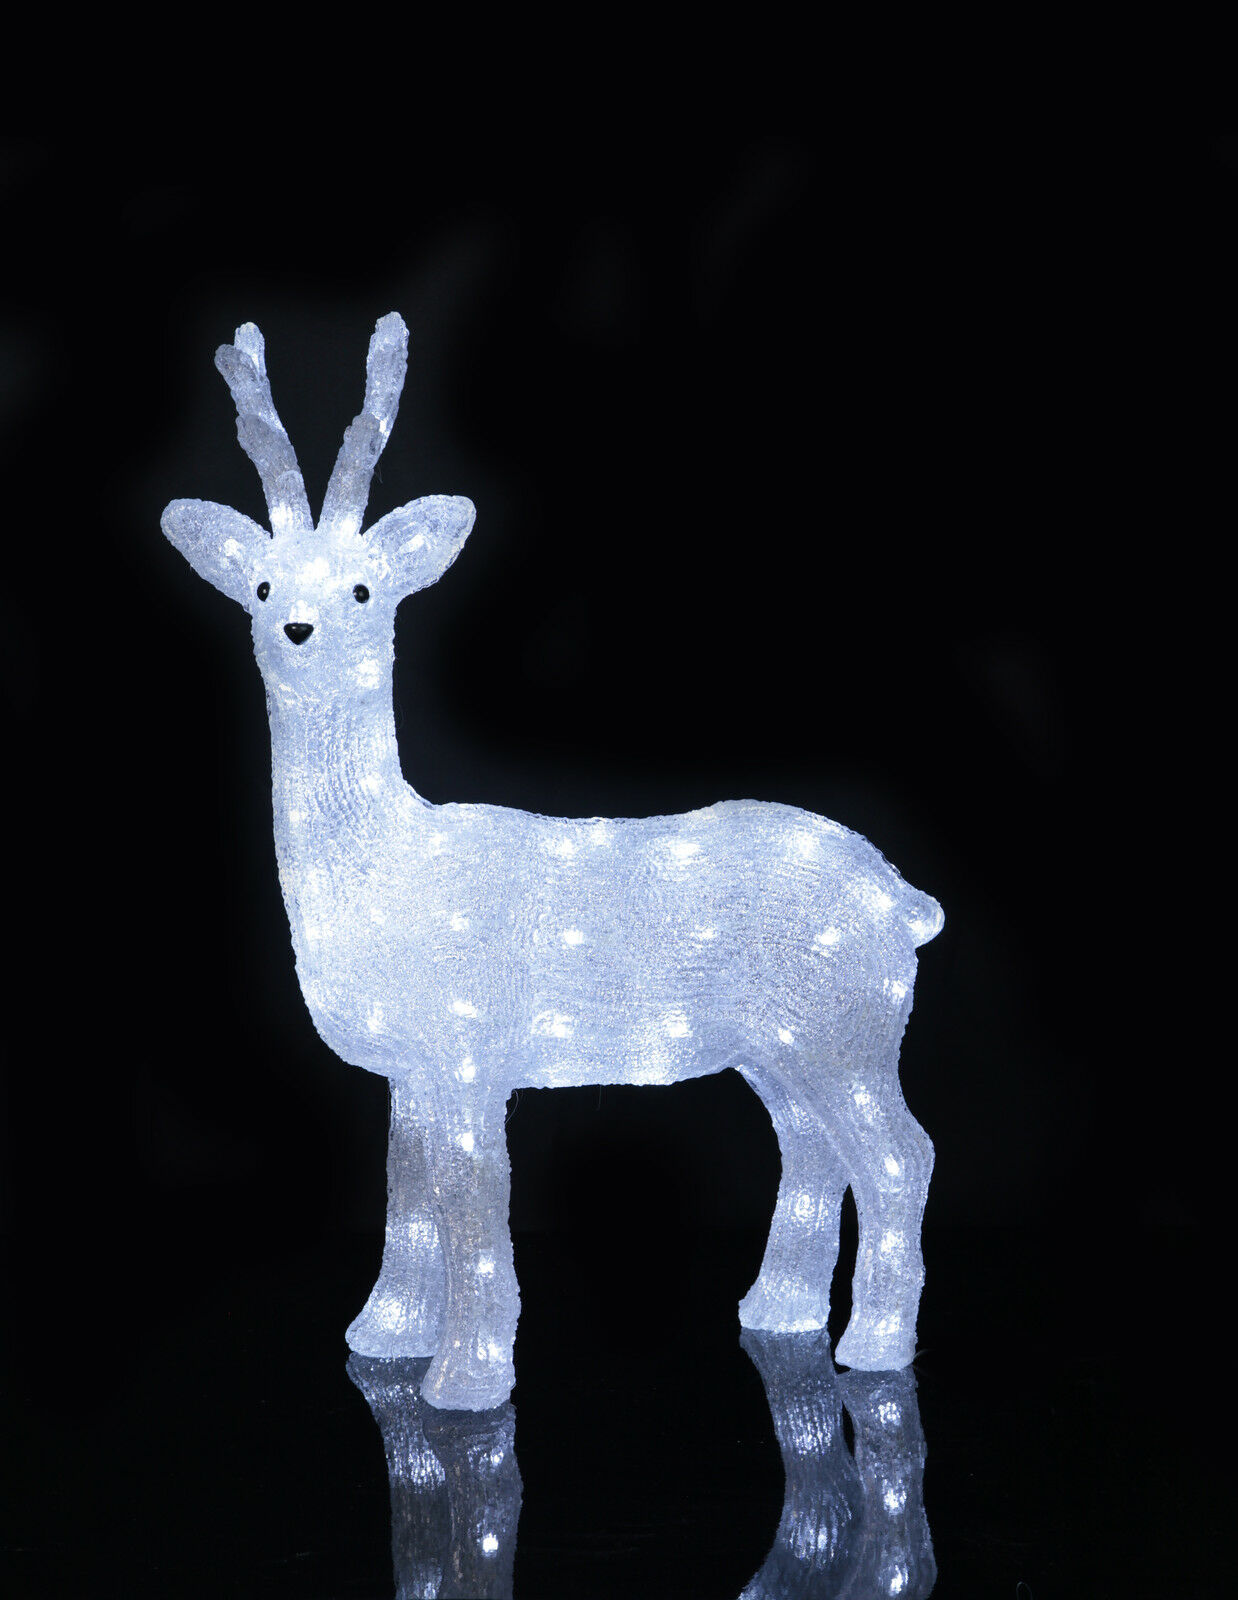 led acryl rentier elch 64 cm beleuchtet weihnachtselch 80 led au en 70382 eur 99 00 picclick de. Black Bedroom Furniture Sets. Home Design Ideas